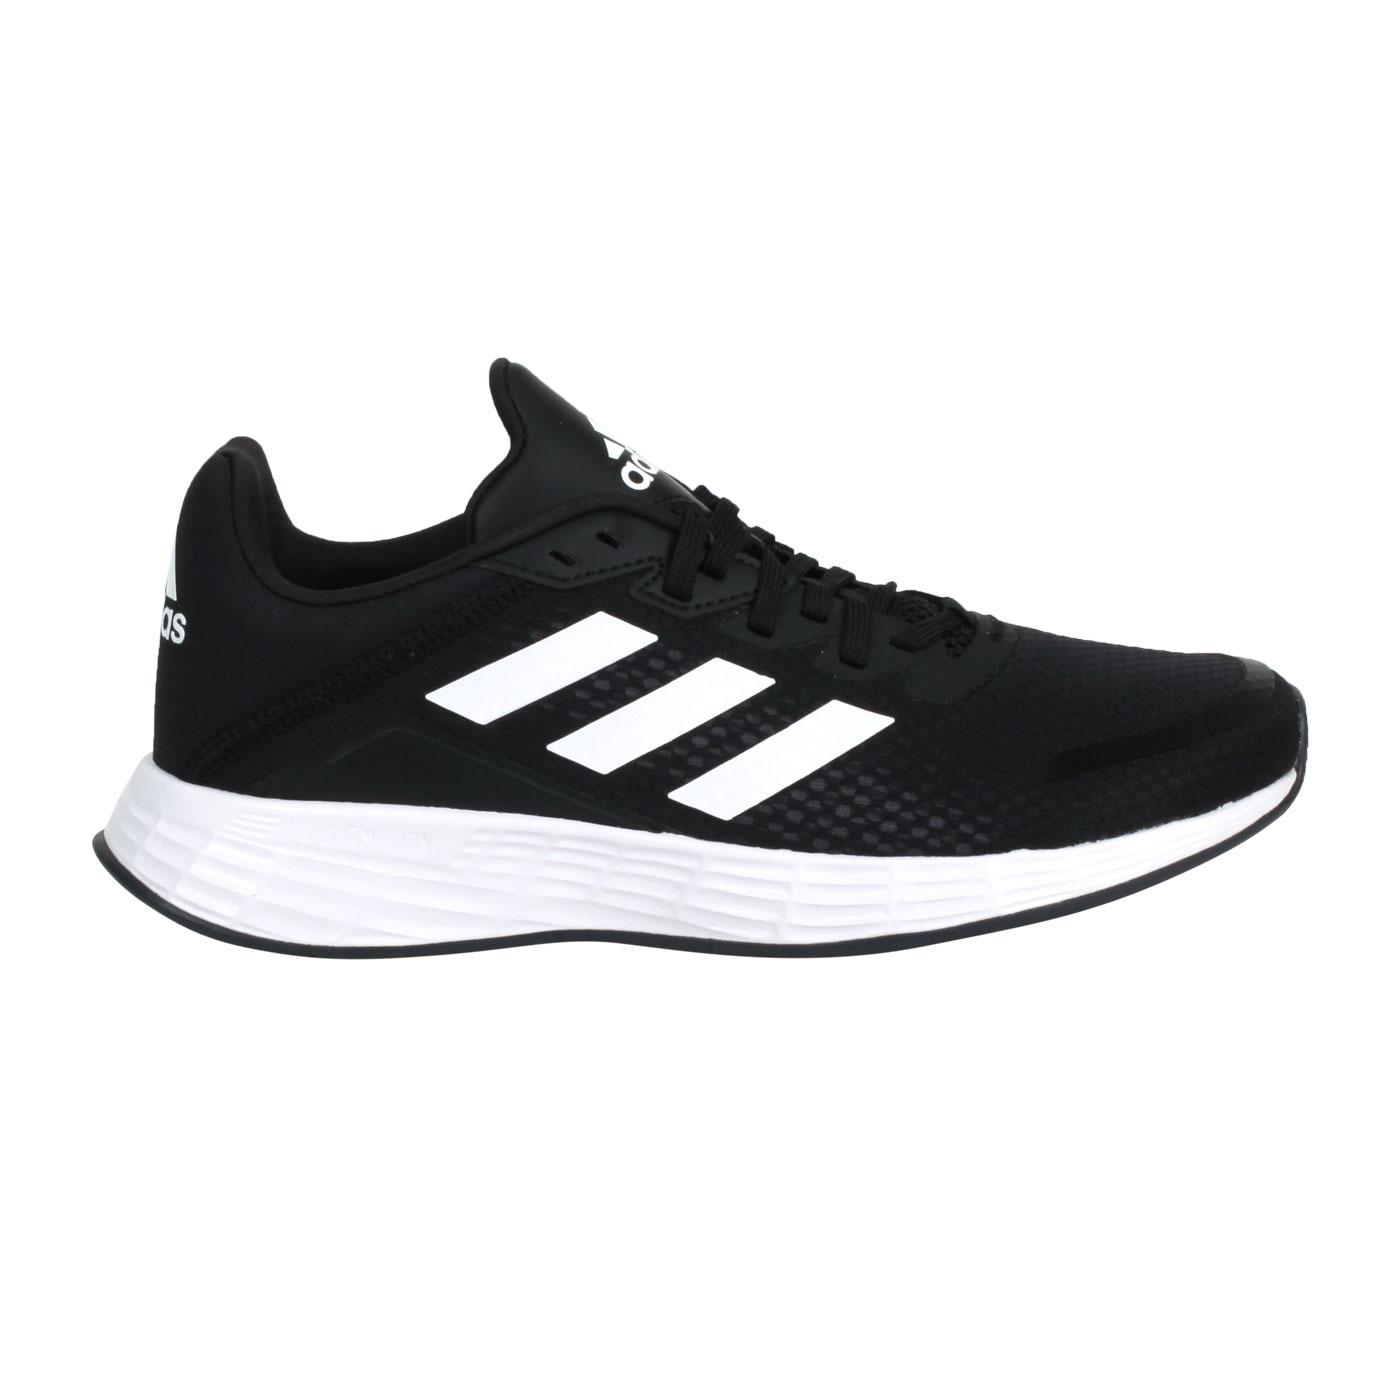 ADIDAS 女款運動慢跑鞋  @DURAMO SL@H04628 - 黑白